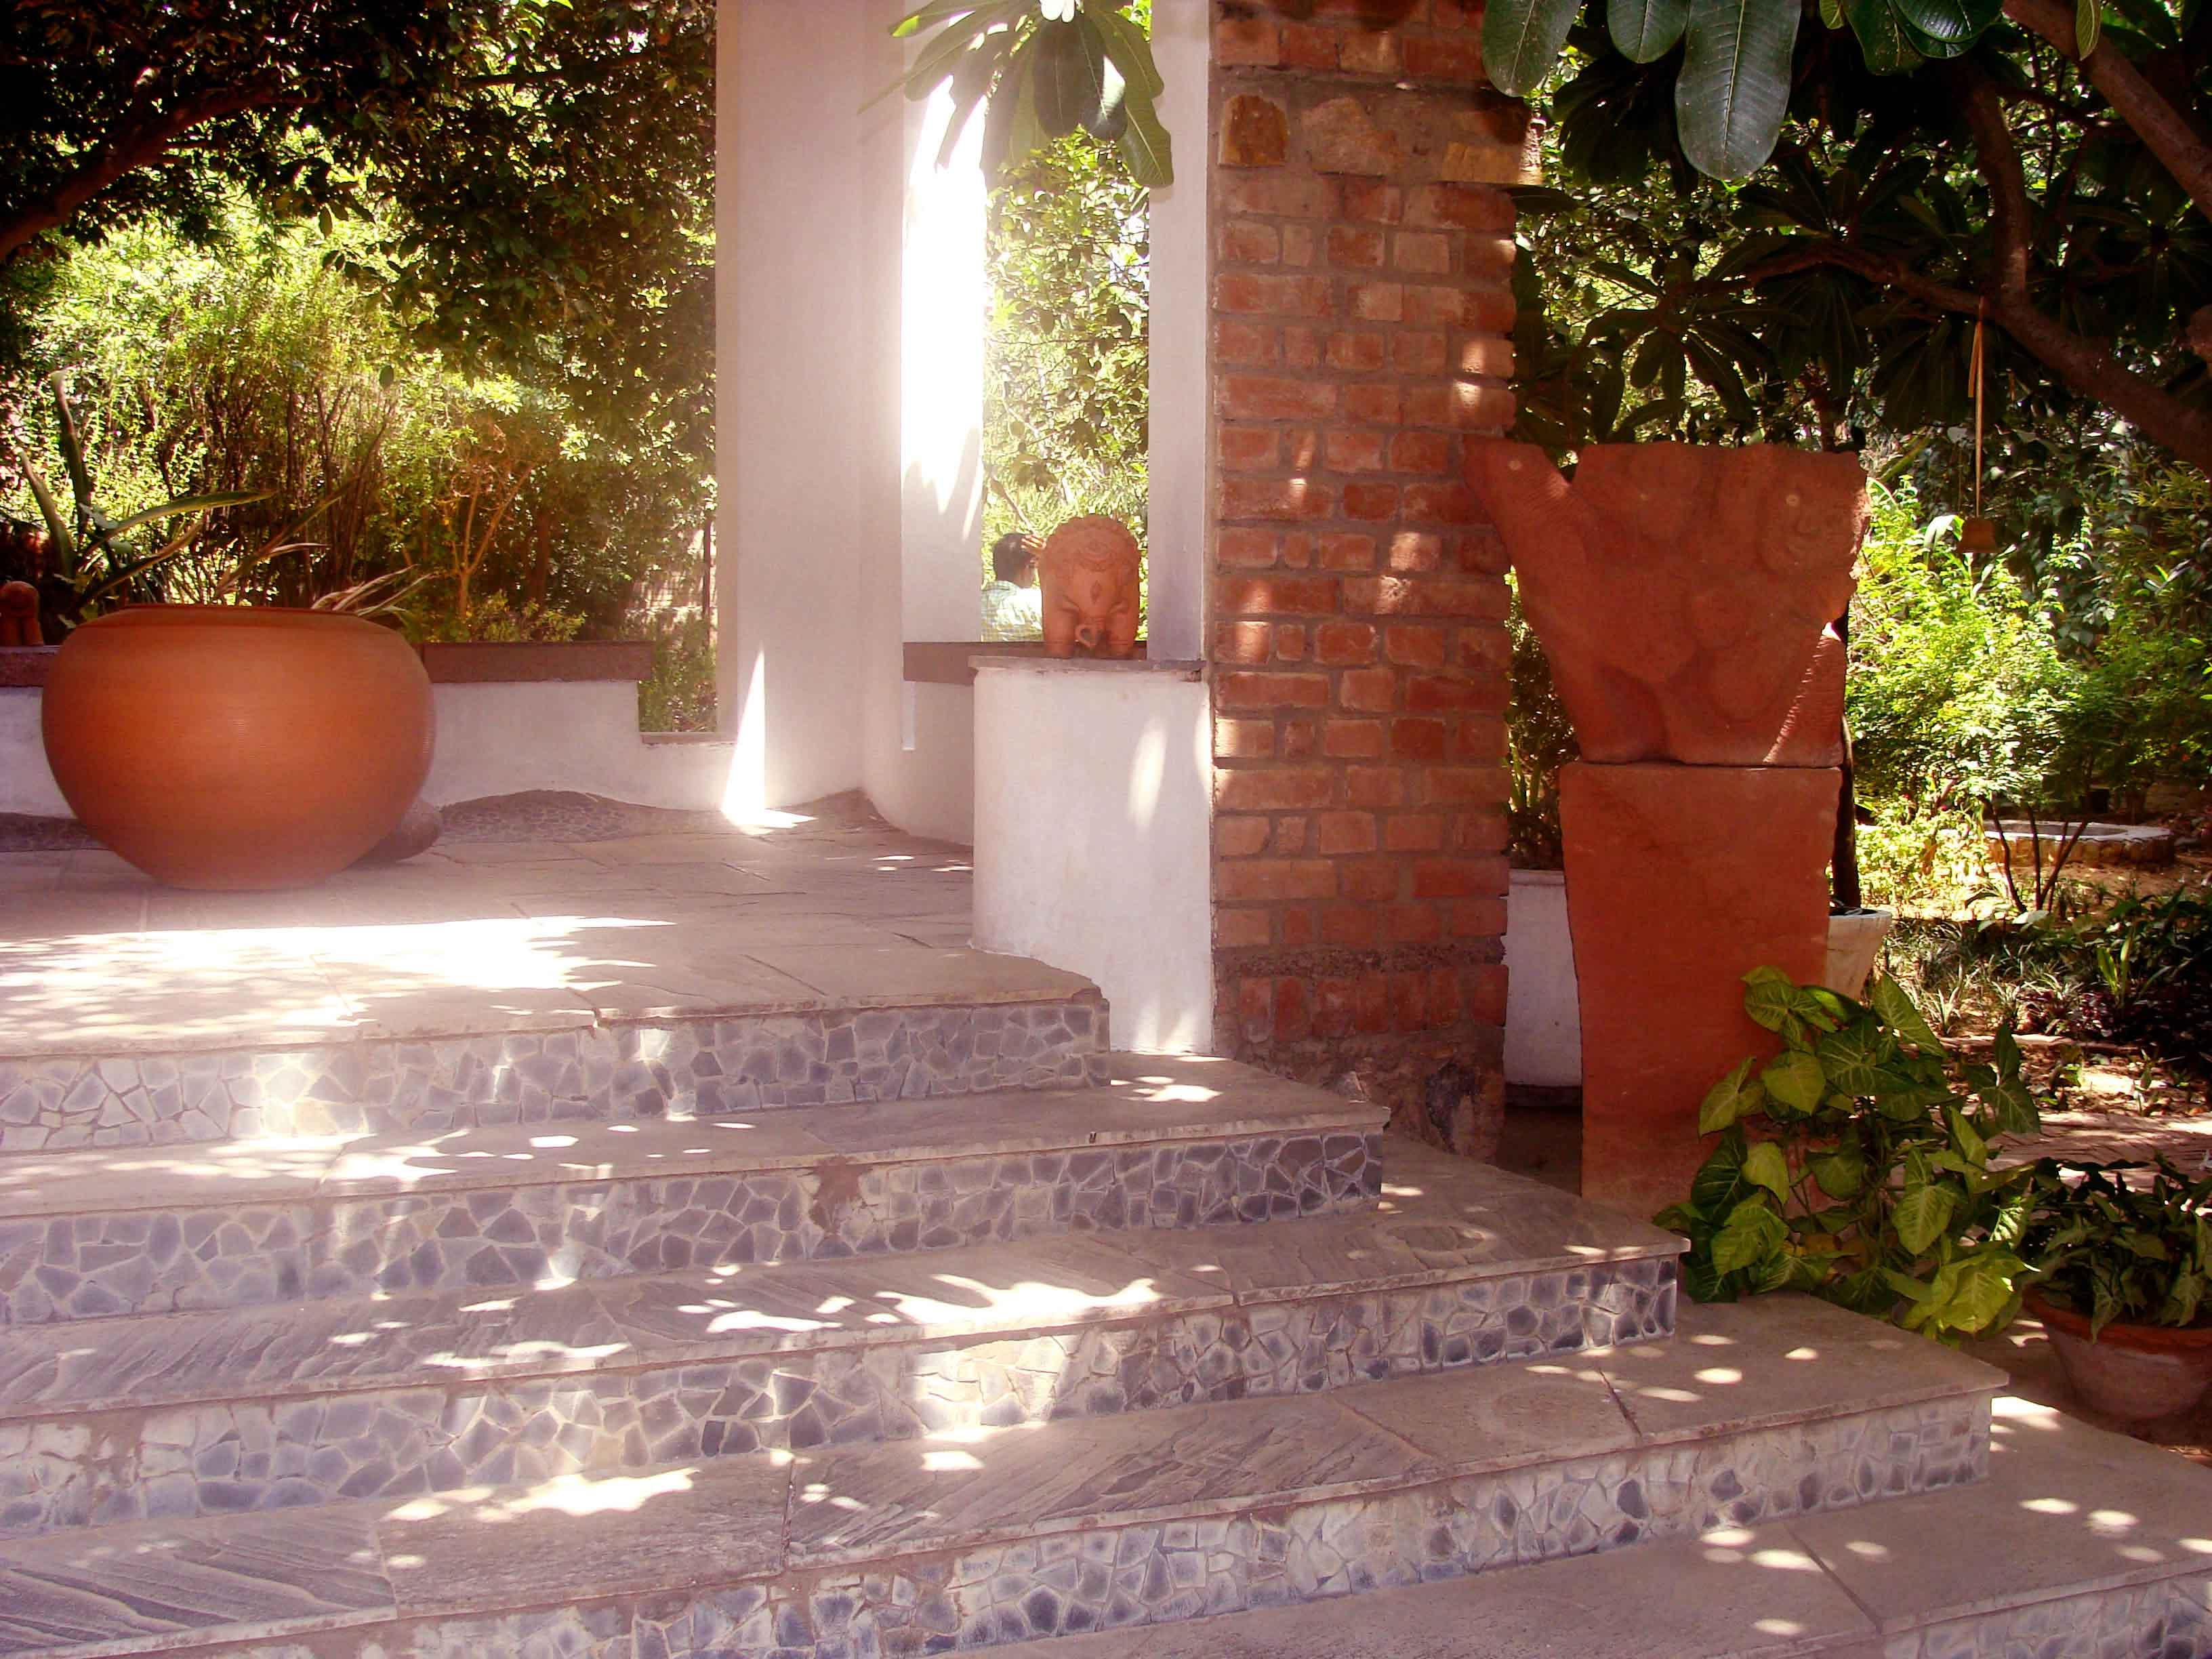 Garden Area Mosaic